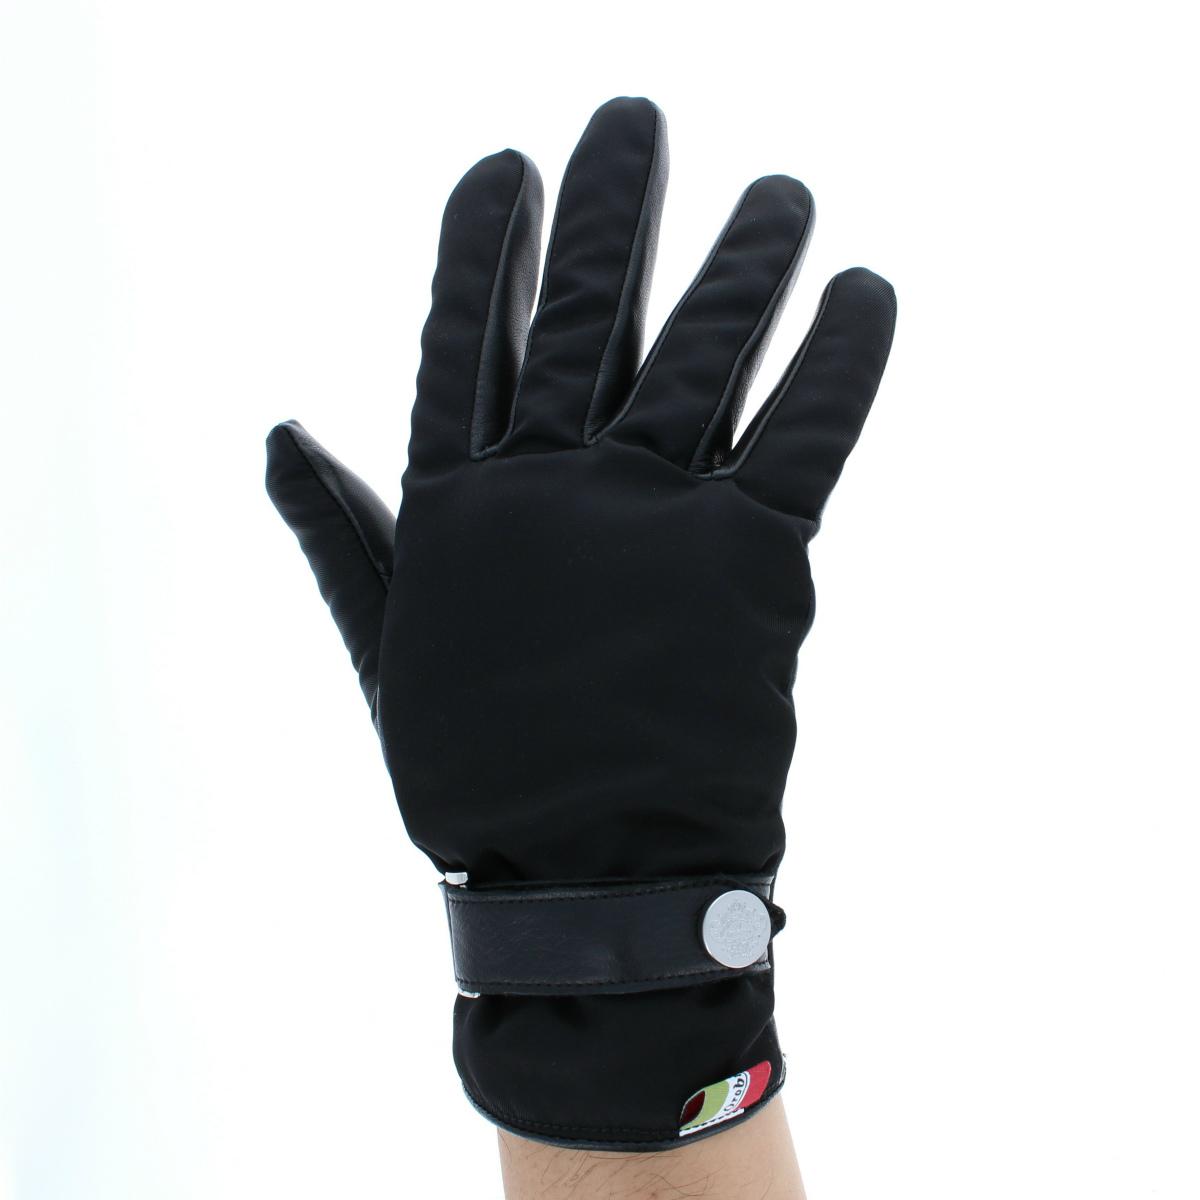 オロビアンコ メンズ リモンタ社製ナイロン メンズ防寒手袋 起毛裏地付 Mサイズ MLサイズ 全4色